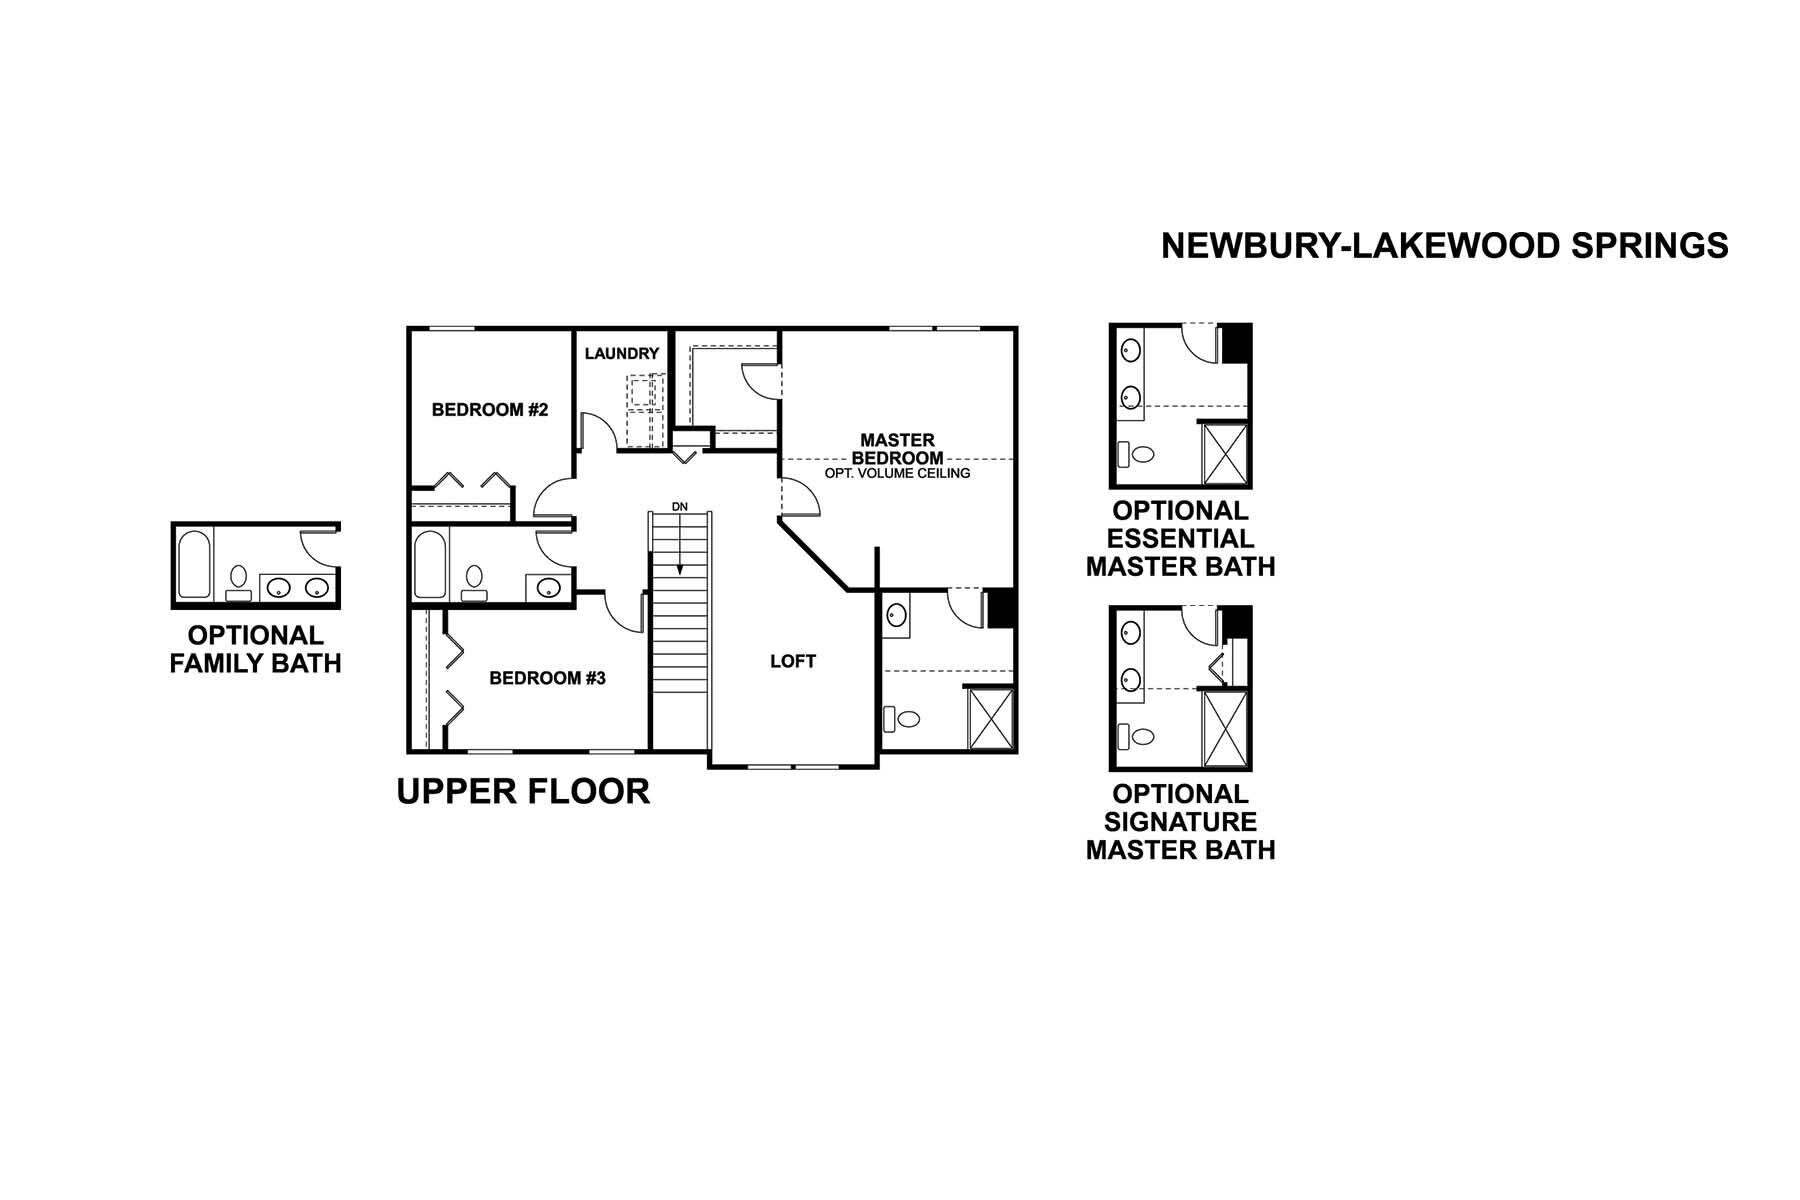 Newbury Upper Floor